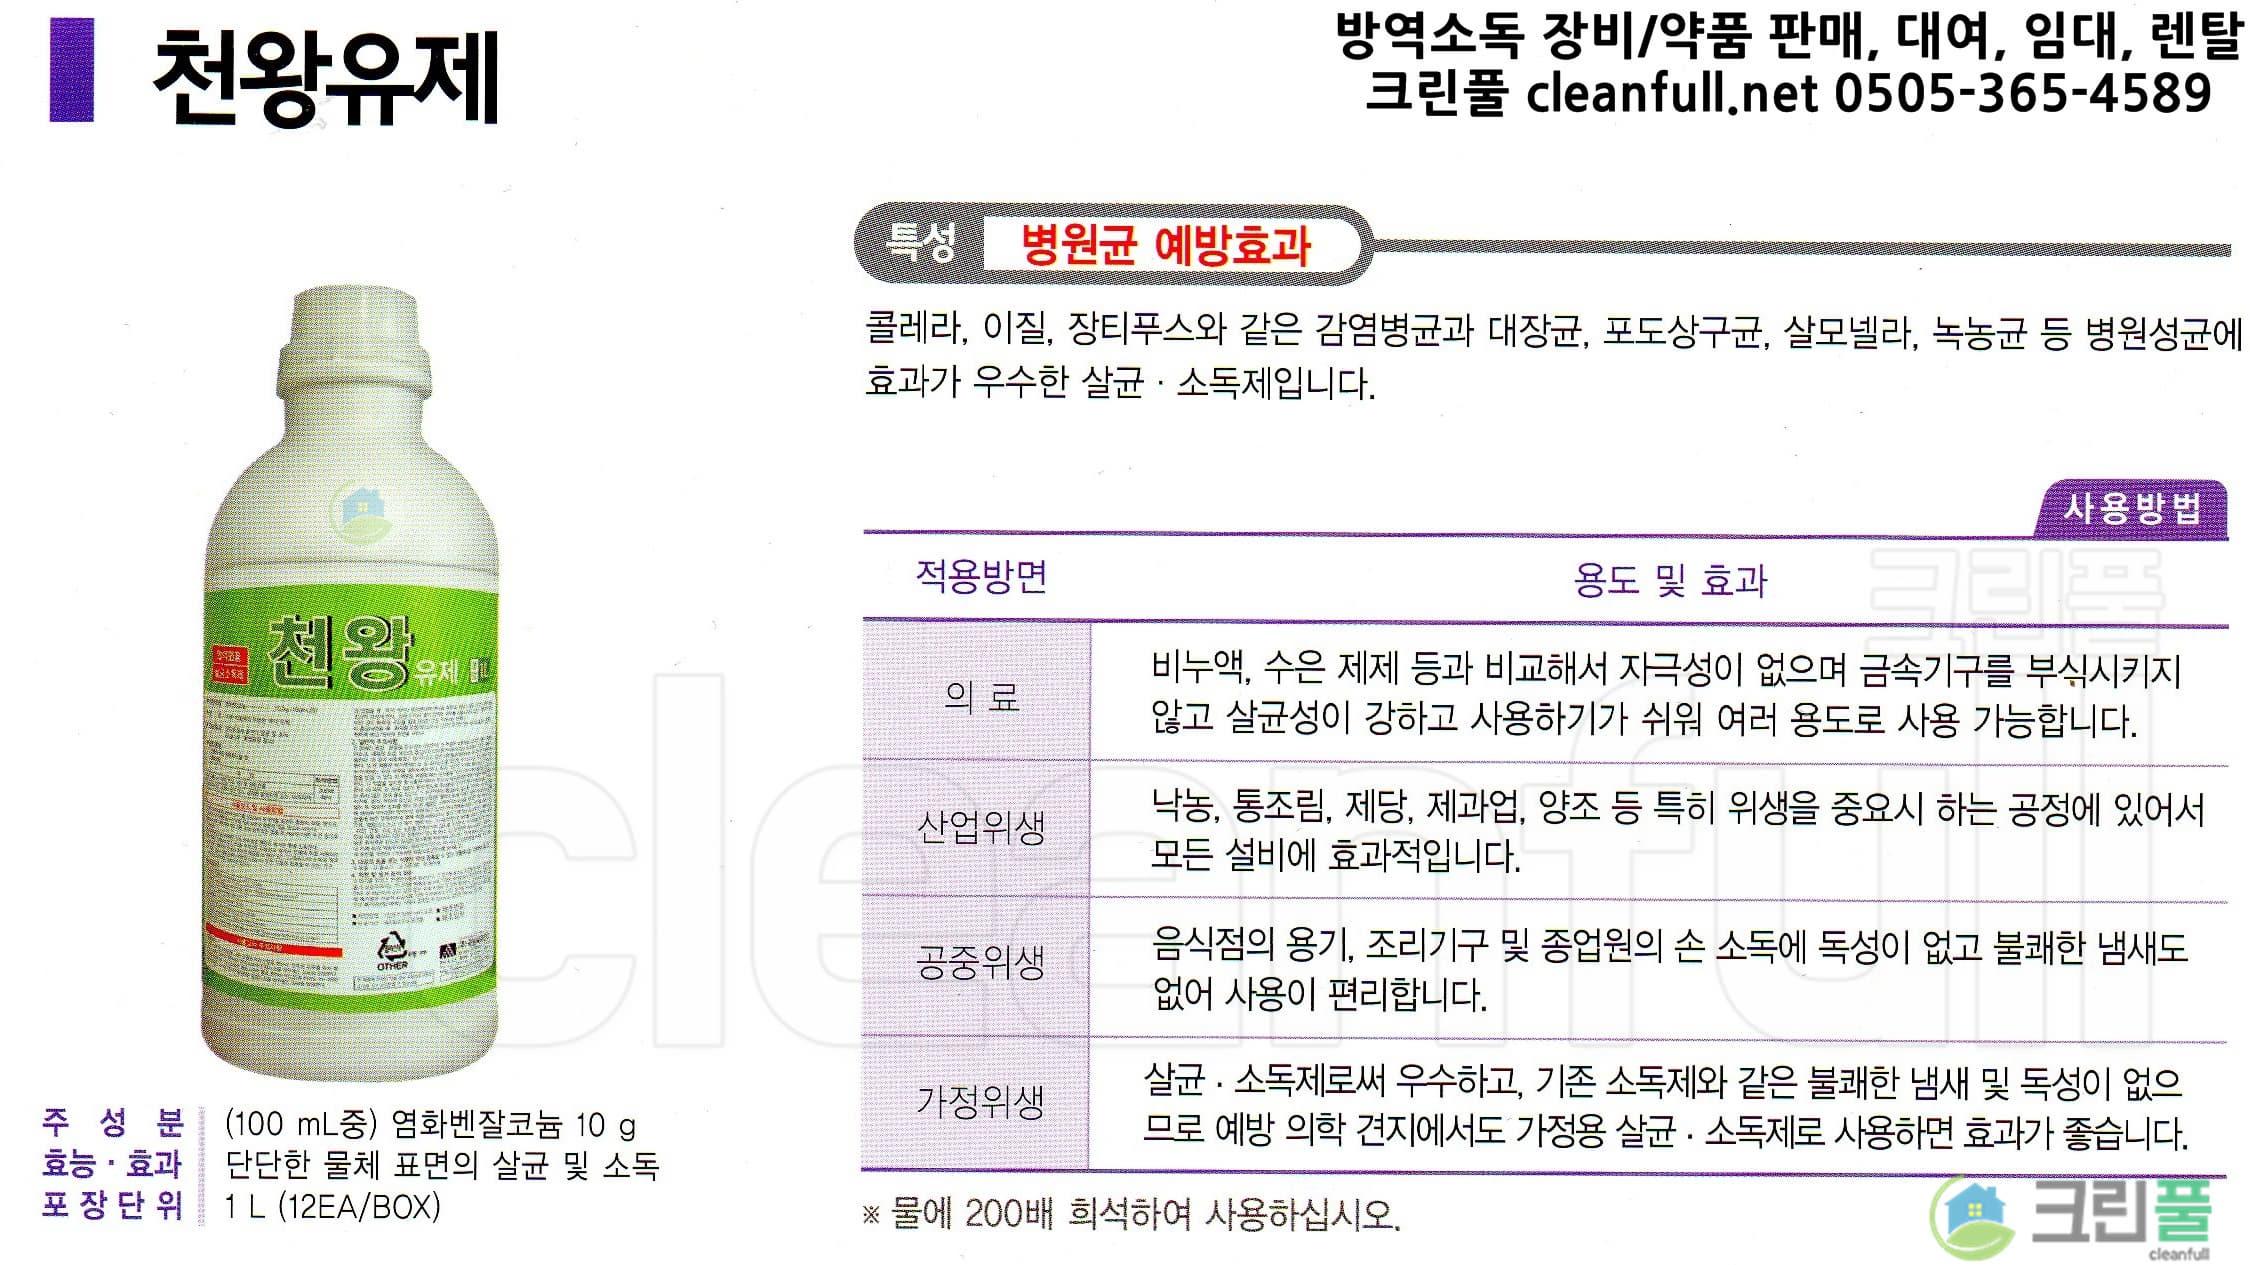 [카탈로그] 천왕유제 1L